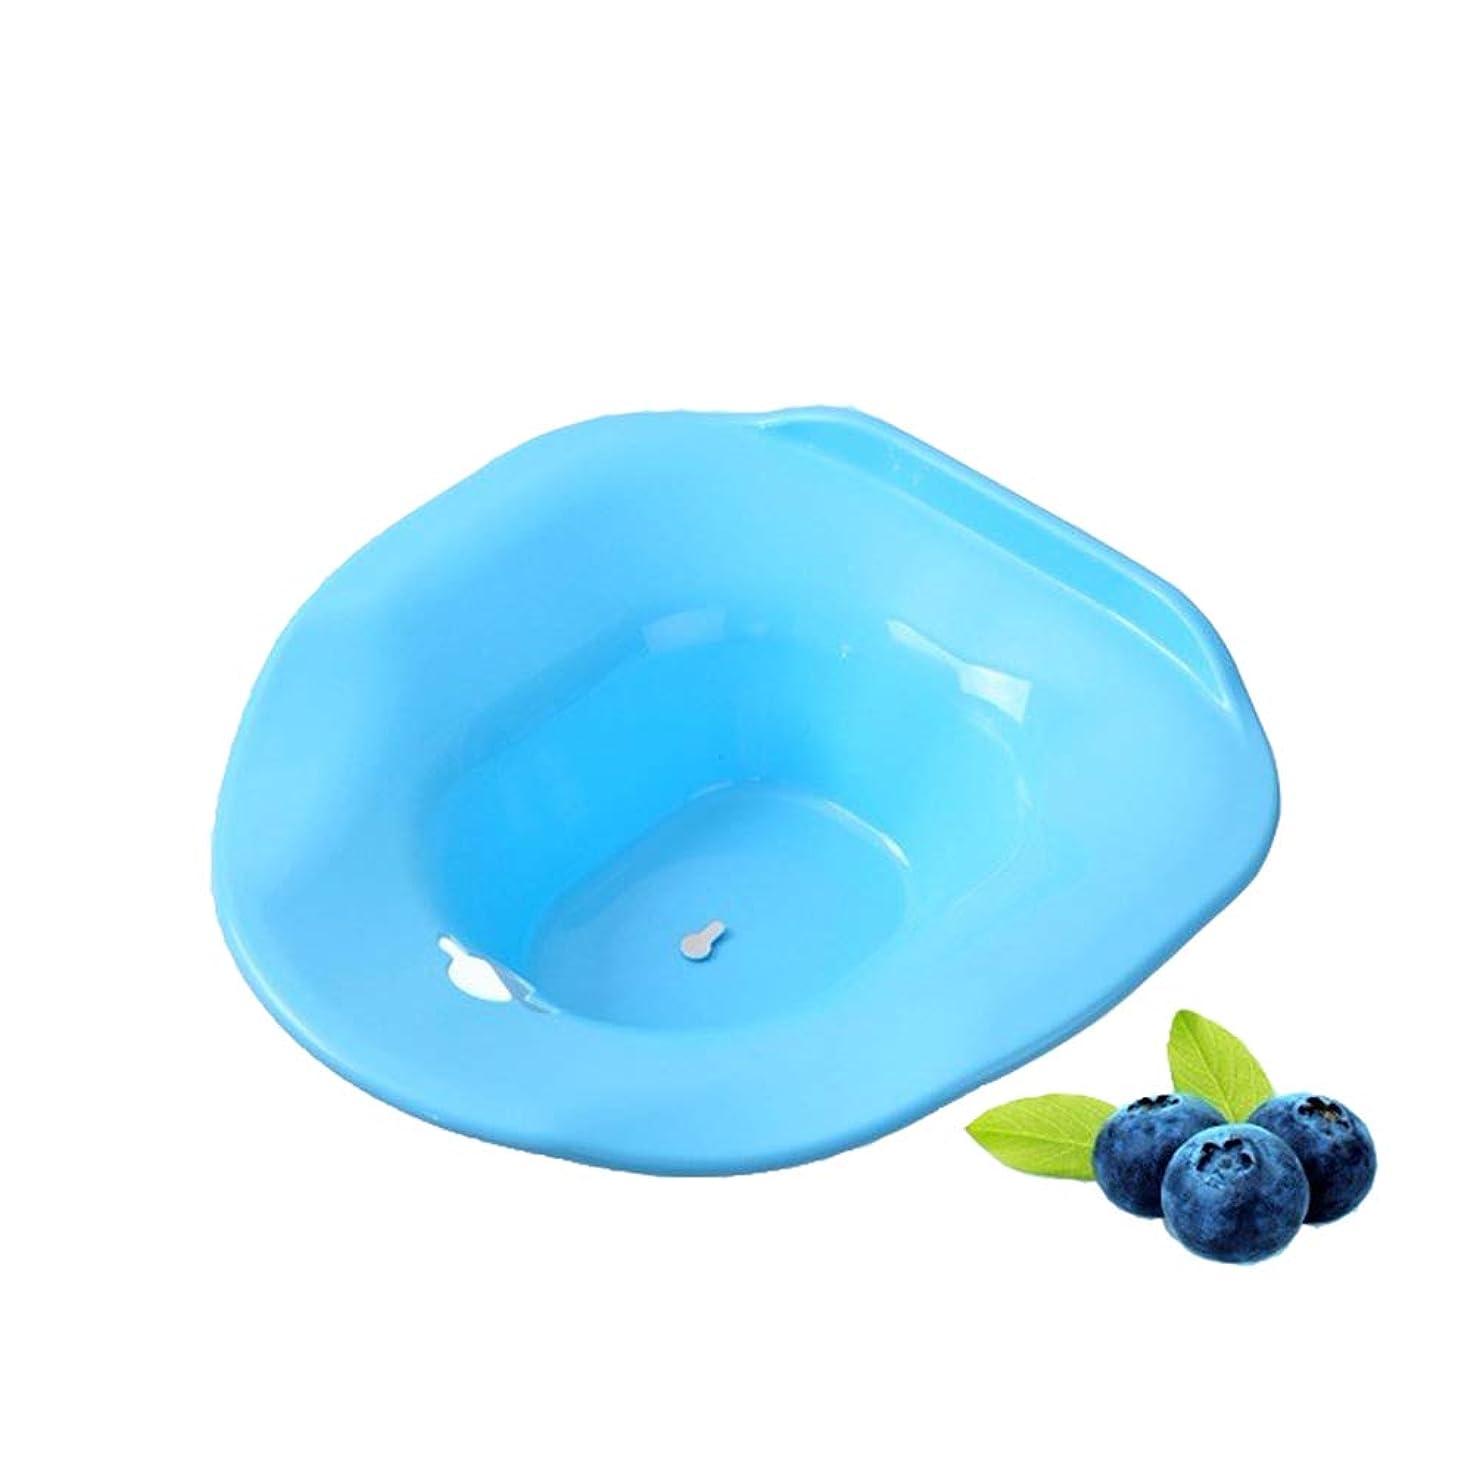 女性のビデ お尻の座浴 座浴のため 軟らかいトイレの水座浴用器 携帯ビデより効果的な座浴器、病院個人用 (青)